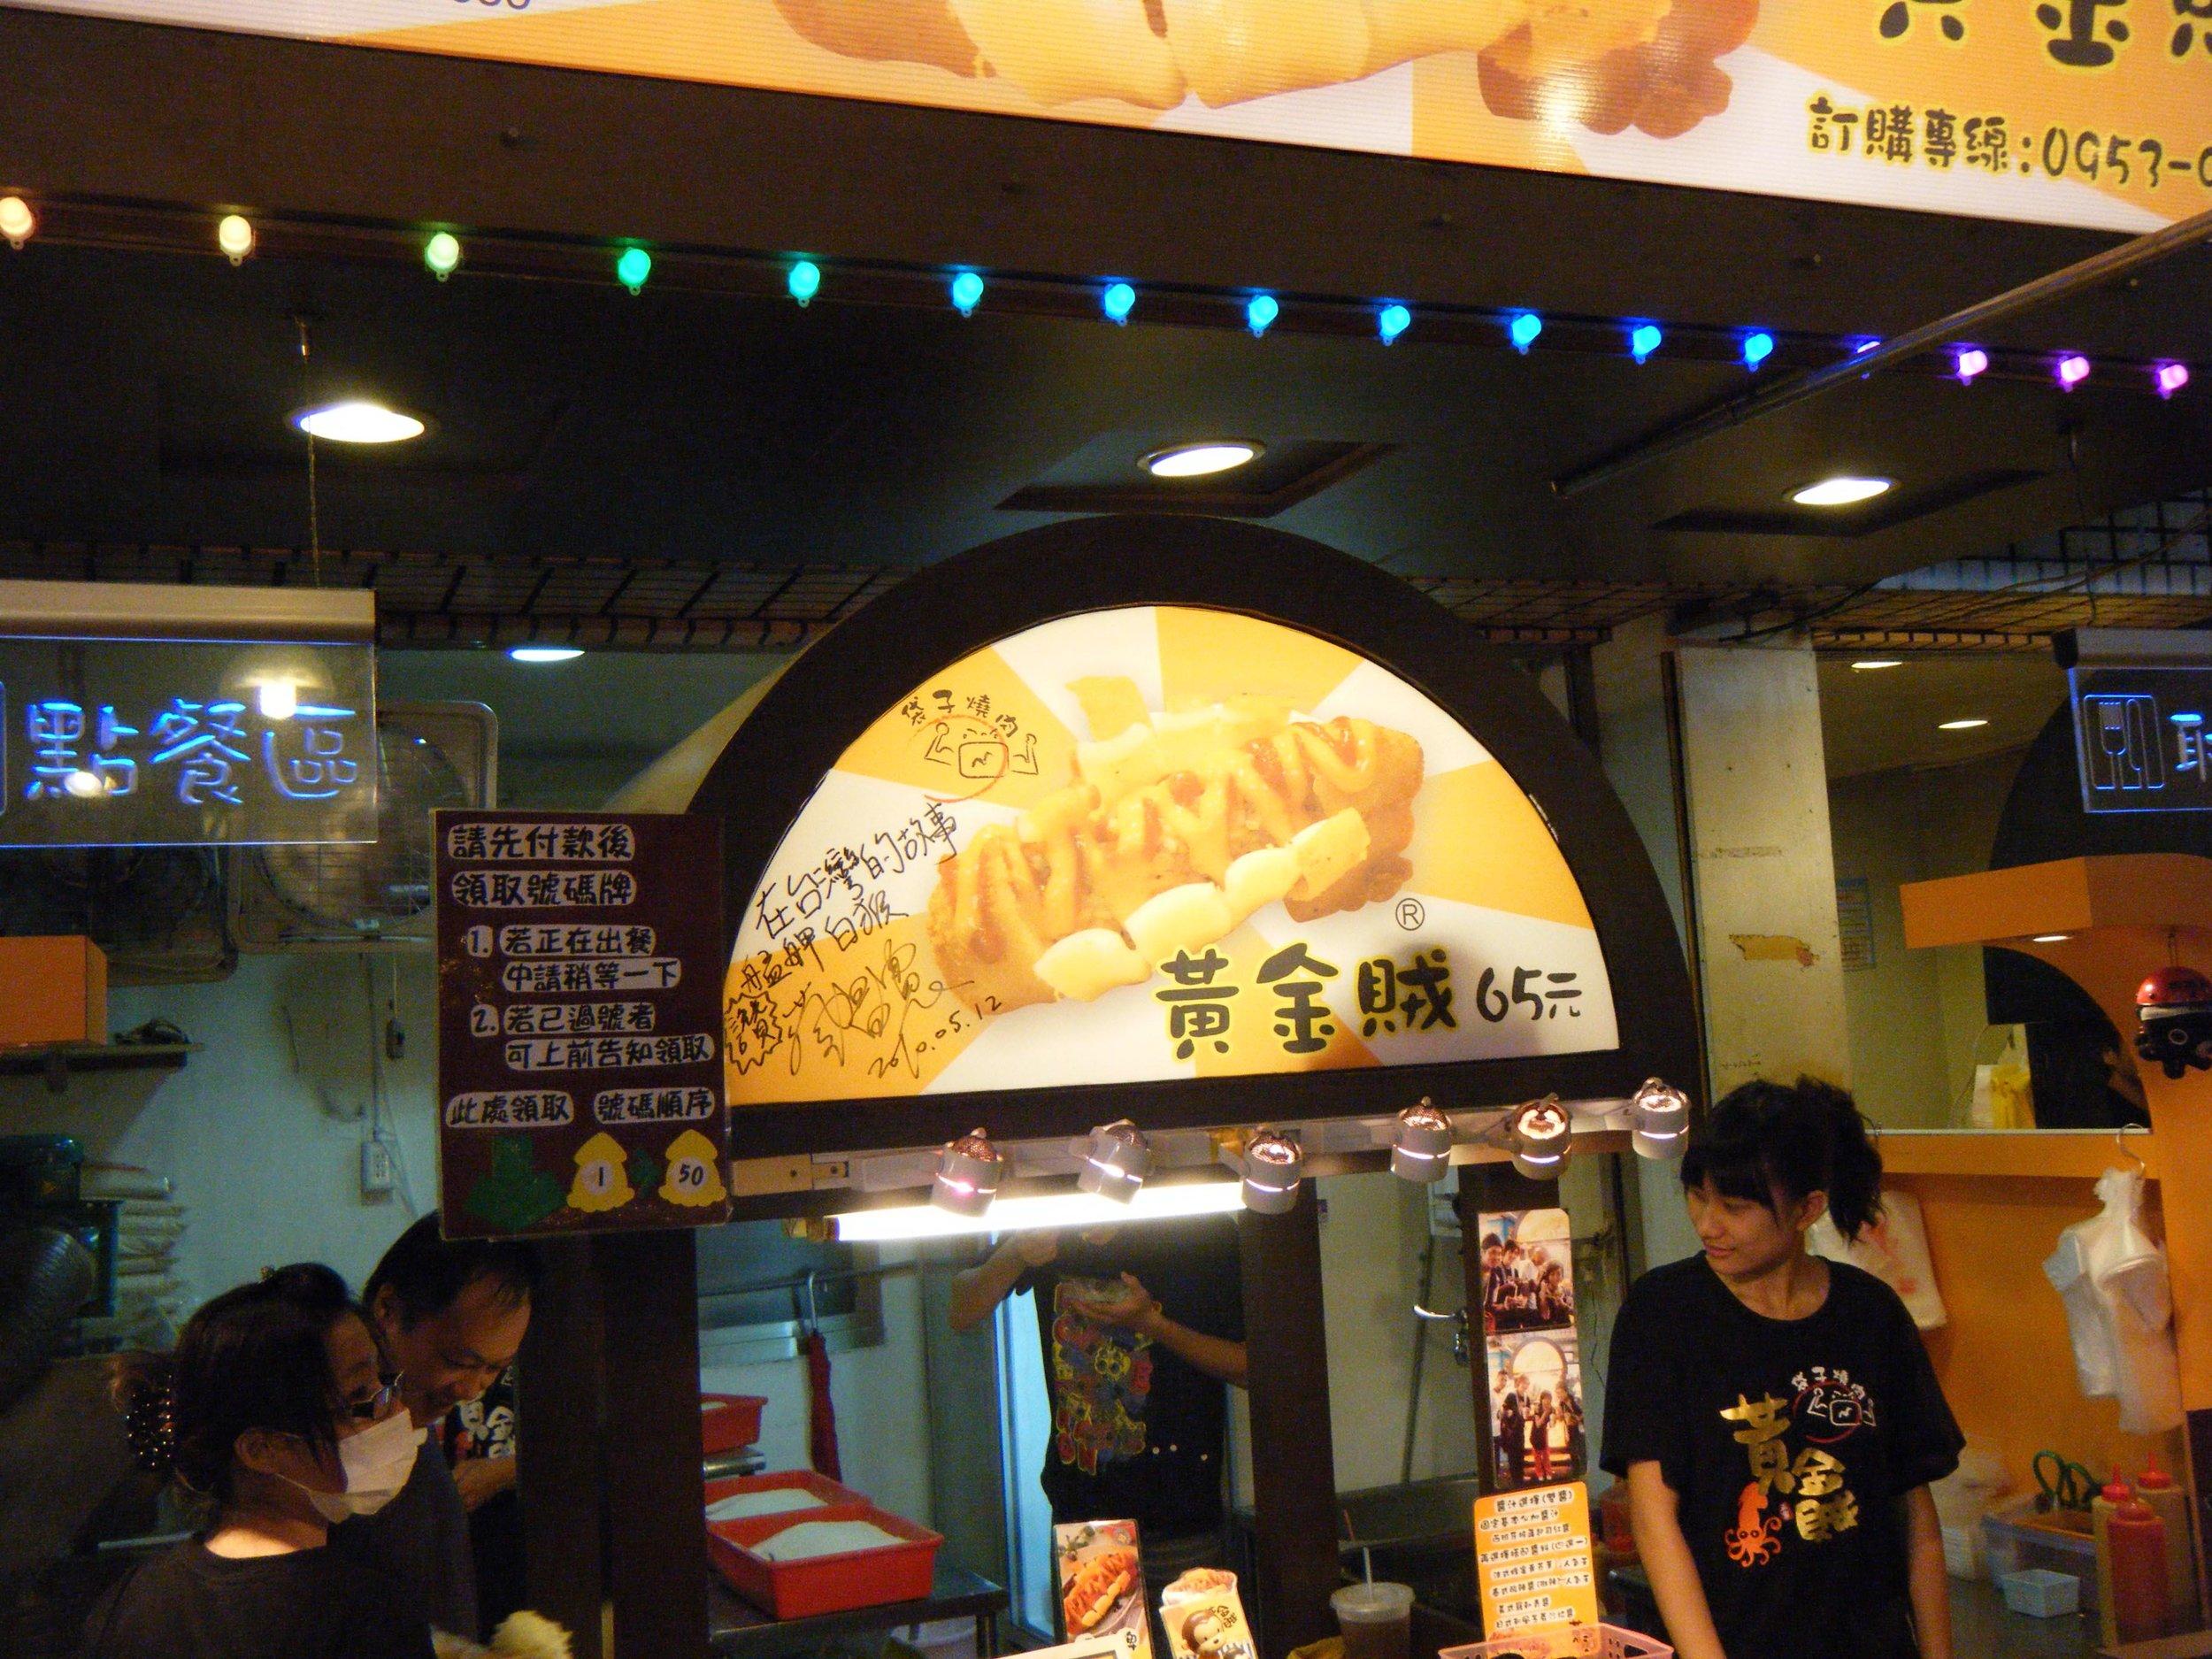 squid log Feng Chia night market.jpg